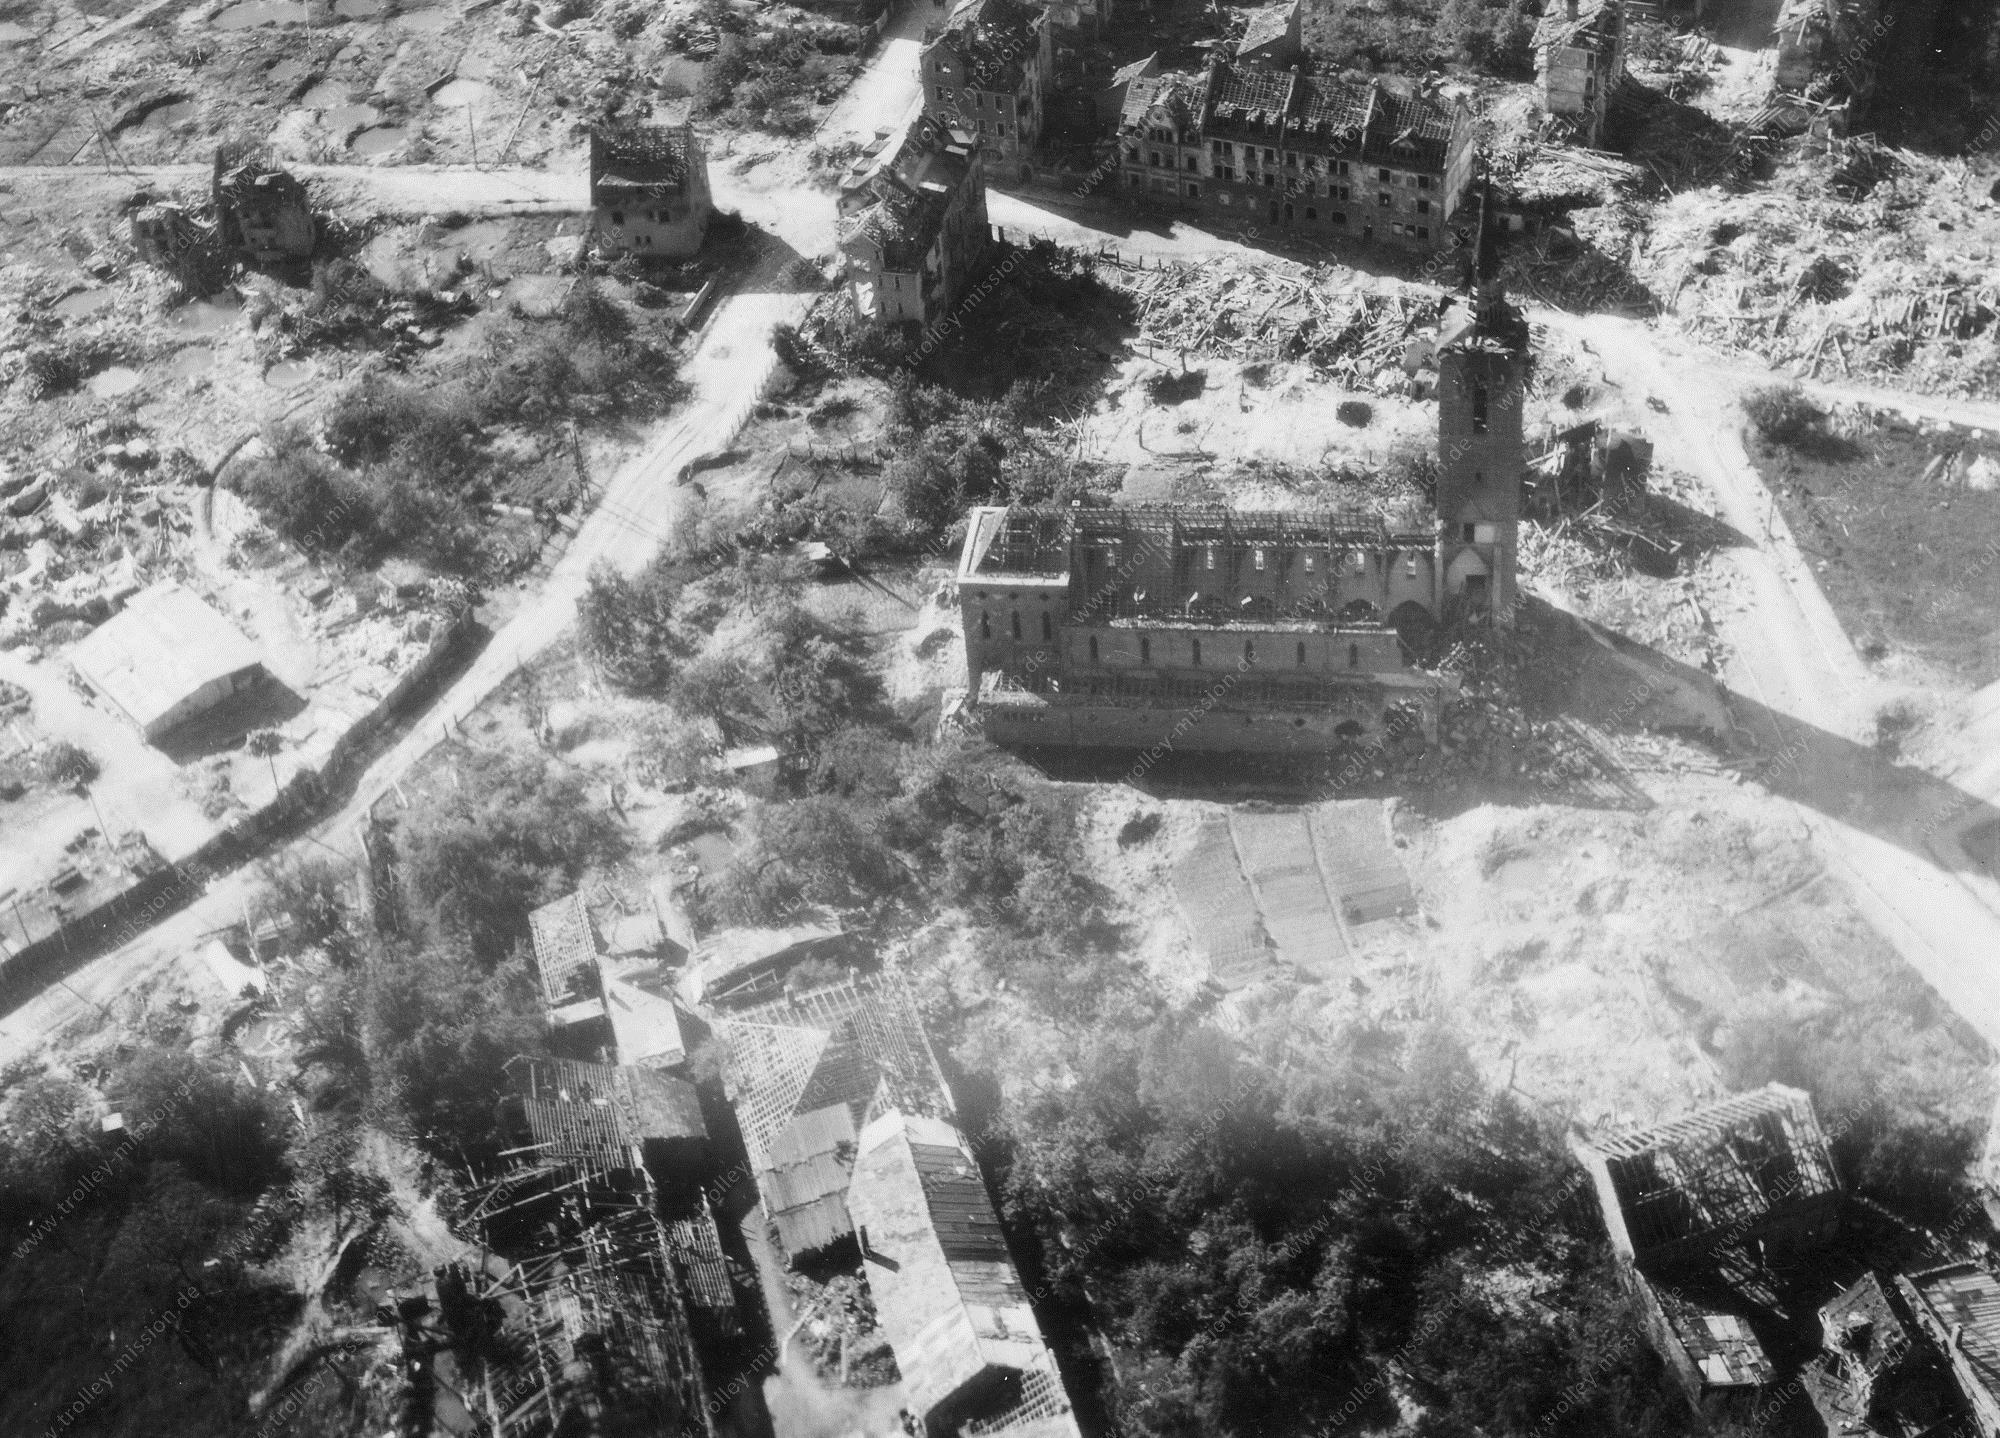 Aschaffenburg Luftbild der zerstörten St. Josef Kirche im Stadtteil Damm